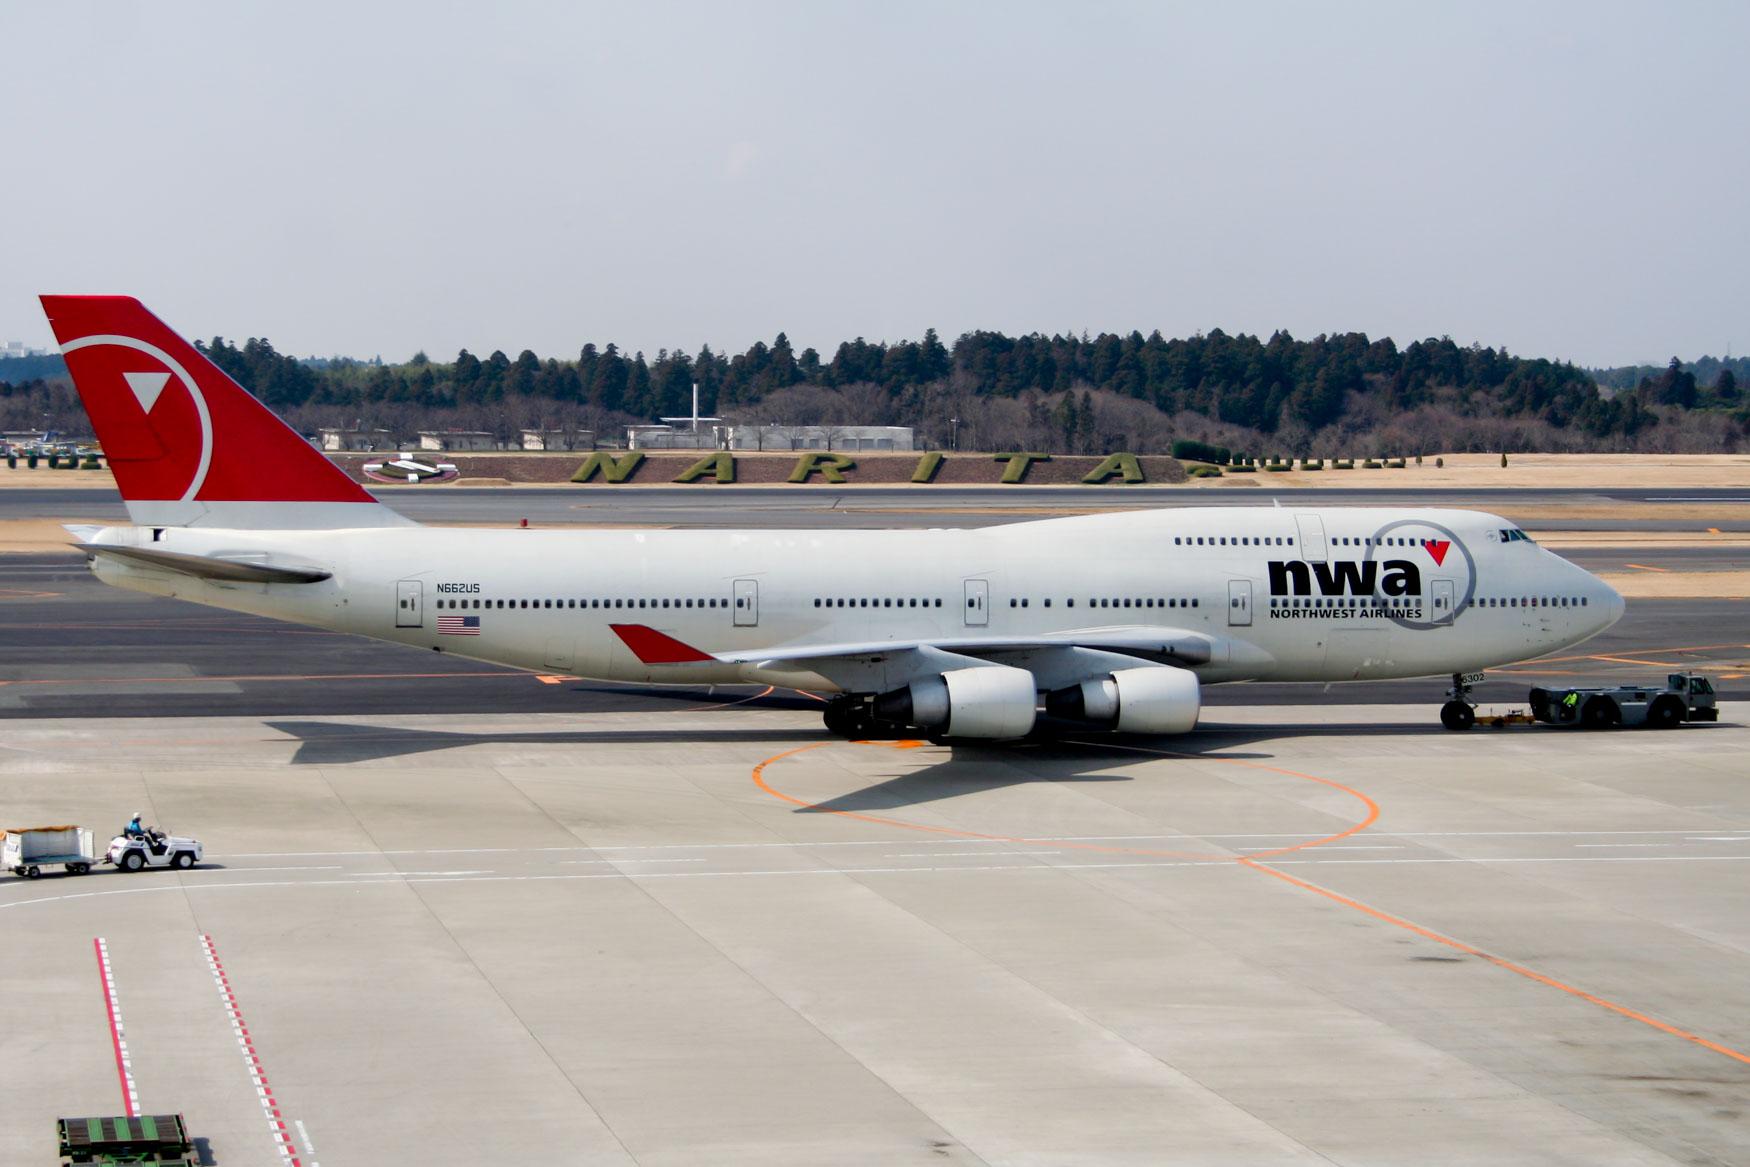 Northwest Airlines Boeing 747-400